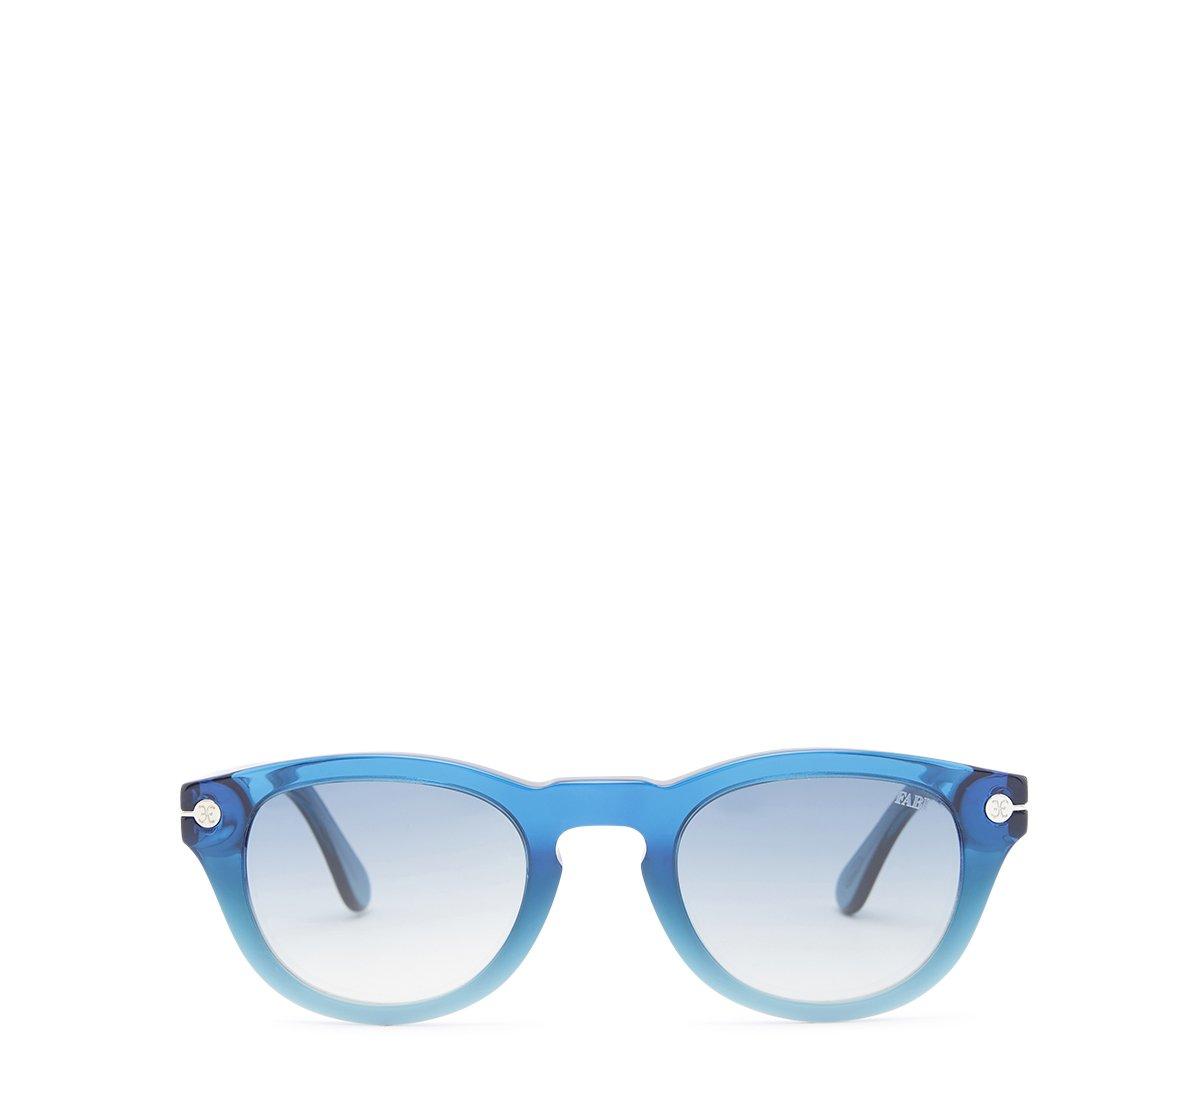 Occhiale Max blu